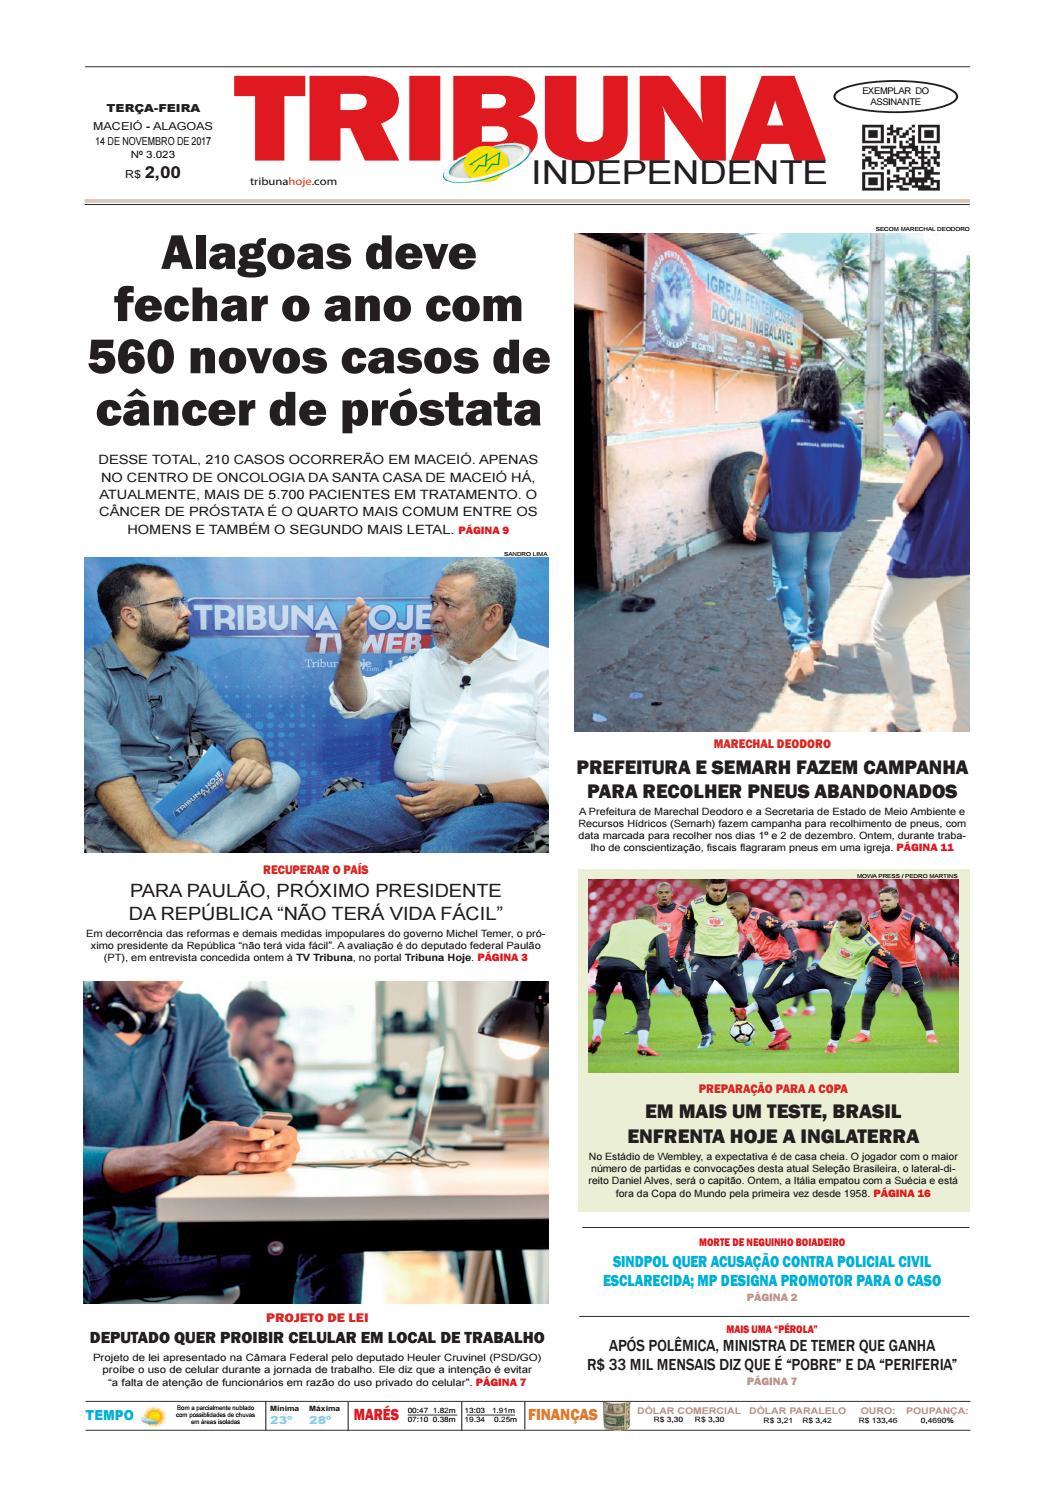 4fadaa3198571 Edição número 3023 - 14 de novembro de 2017 by Tribuna Hoje - issuu